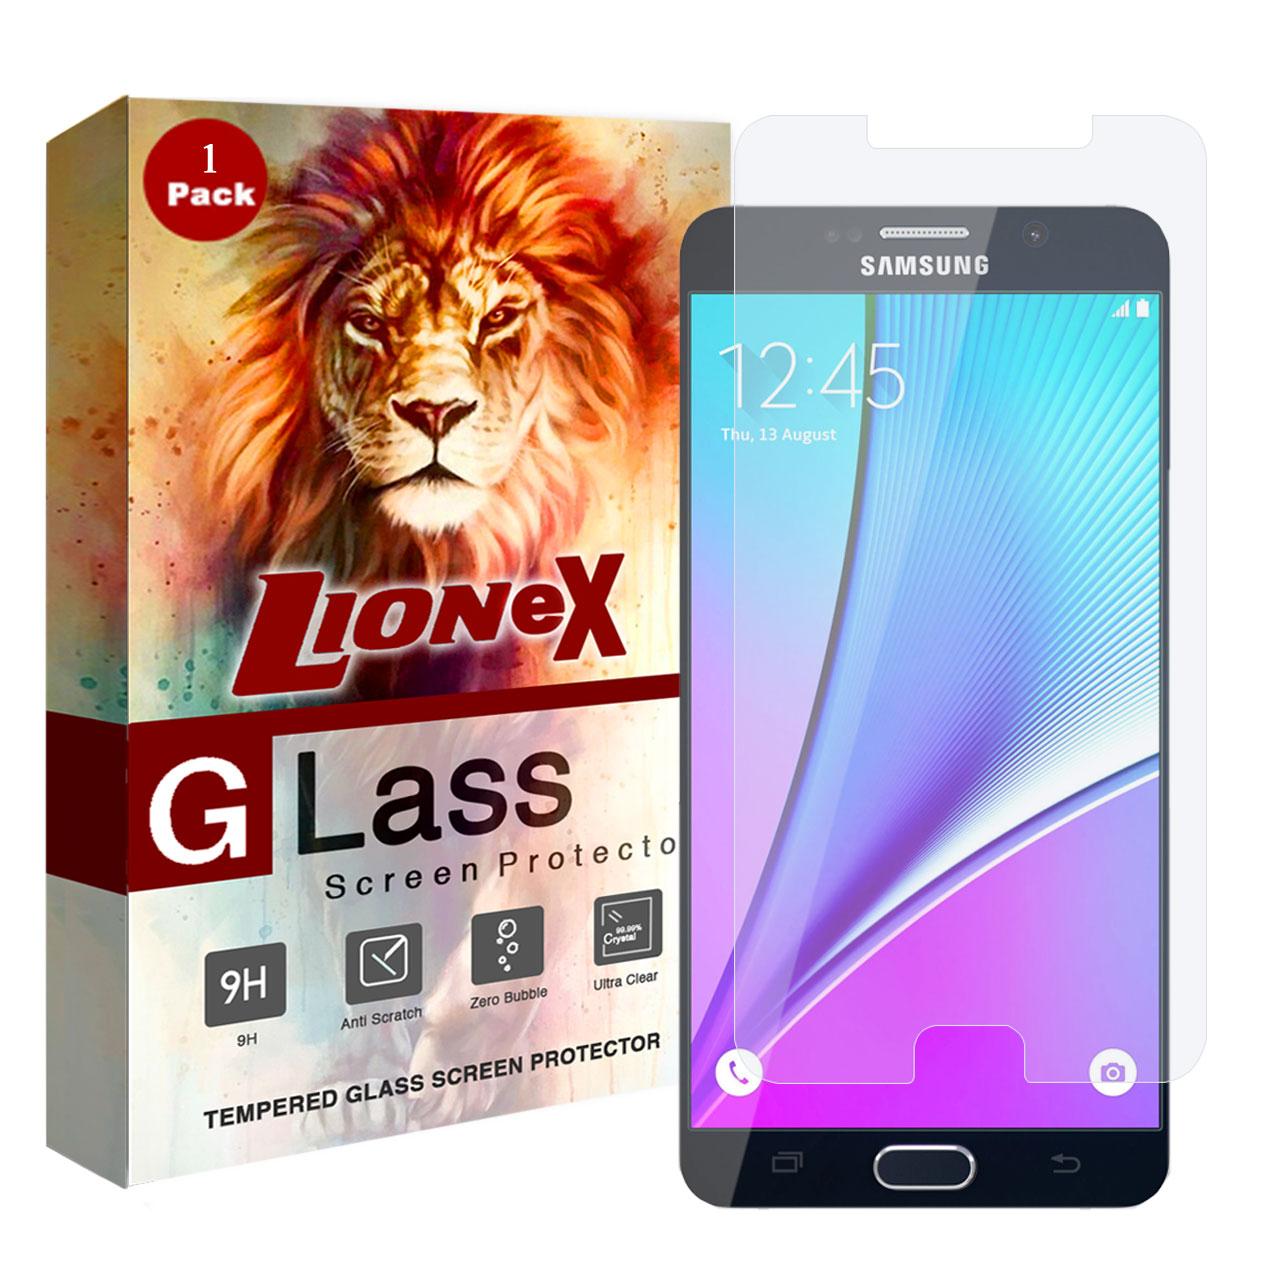 محافظ صفحه نمایش لایونکس مدل UPS مناسب برای گوشی موبایل سامسونگ Galaxy Note 5